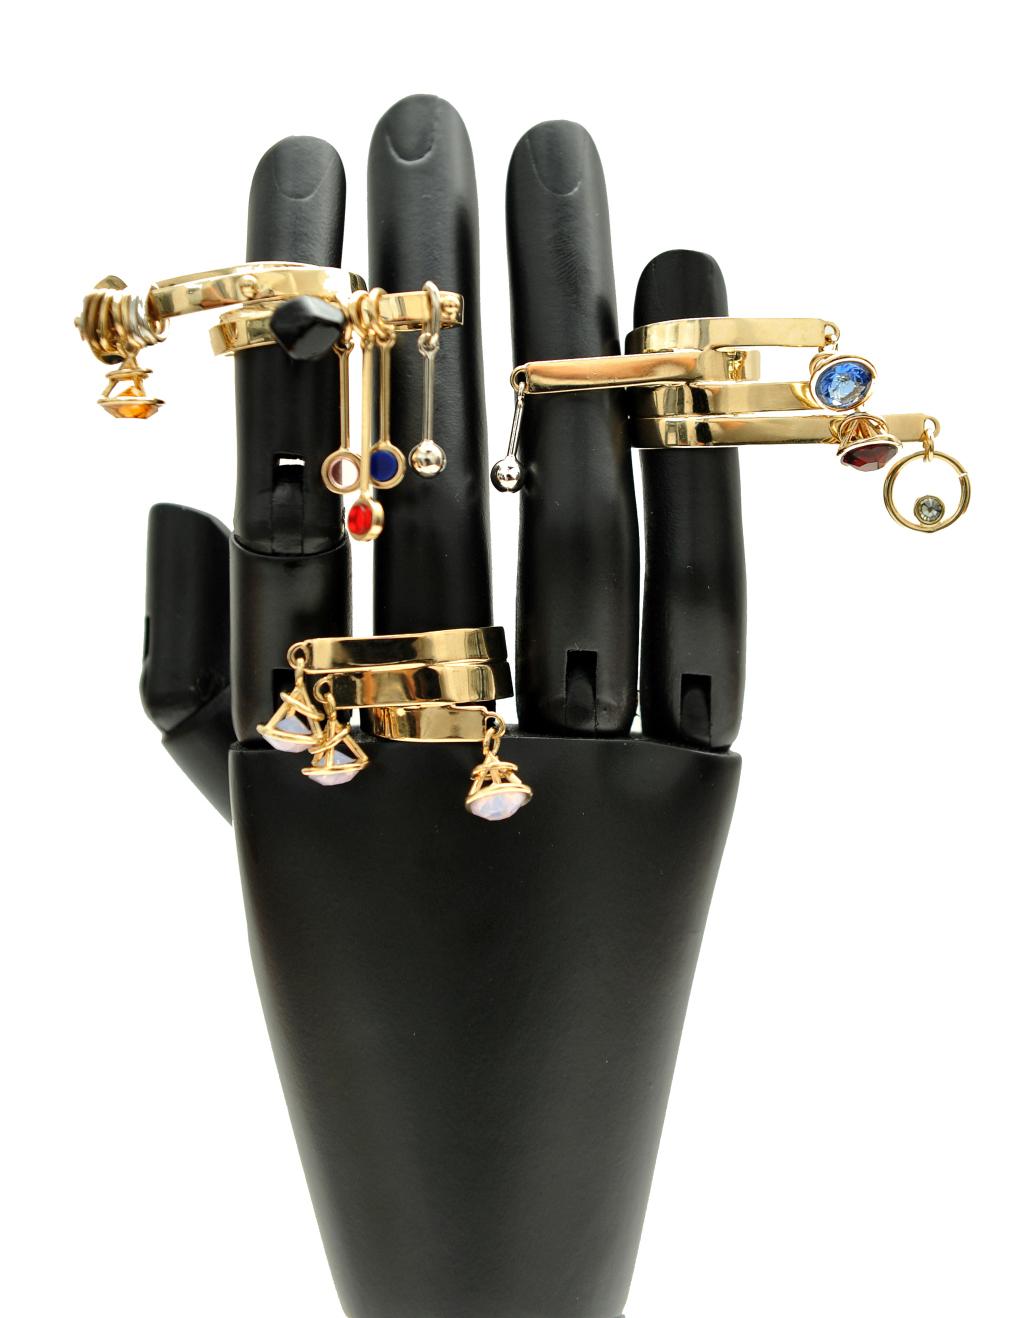 Кольца от марки Dior оснащены камнями, бусинами и диковинными украшениями, которые крепятся на кольца.